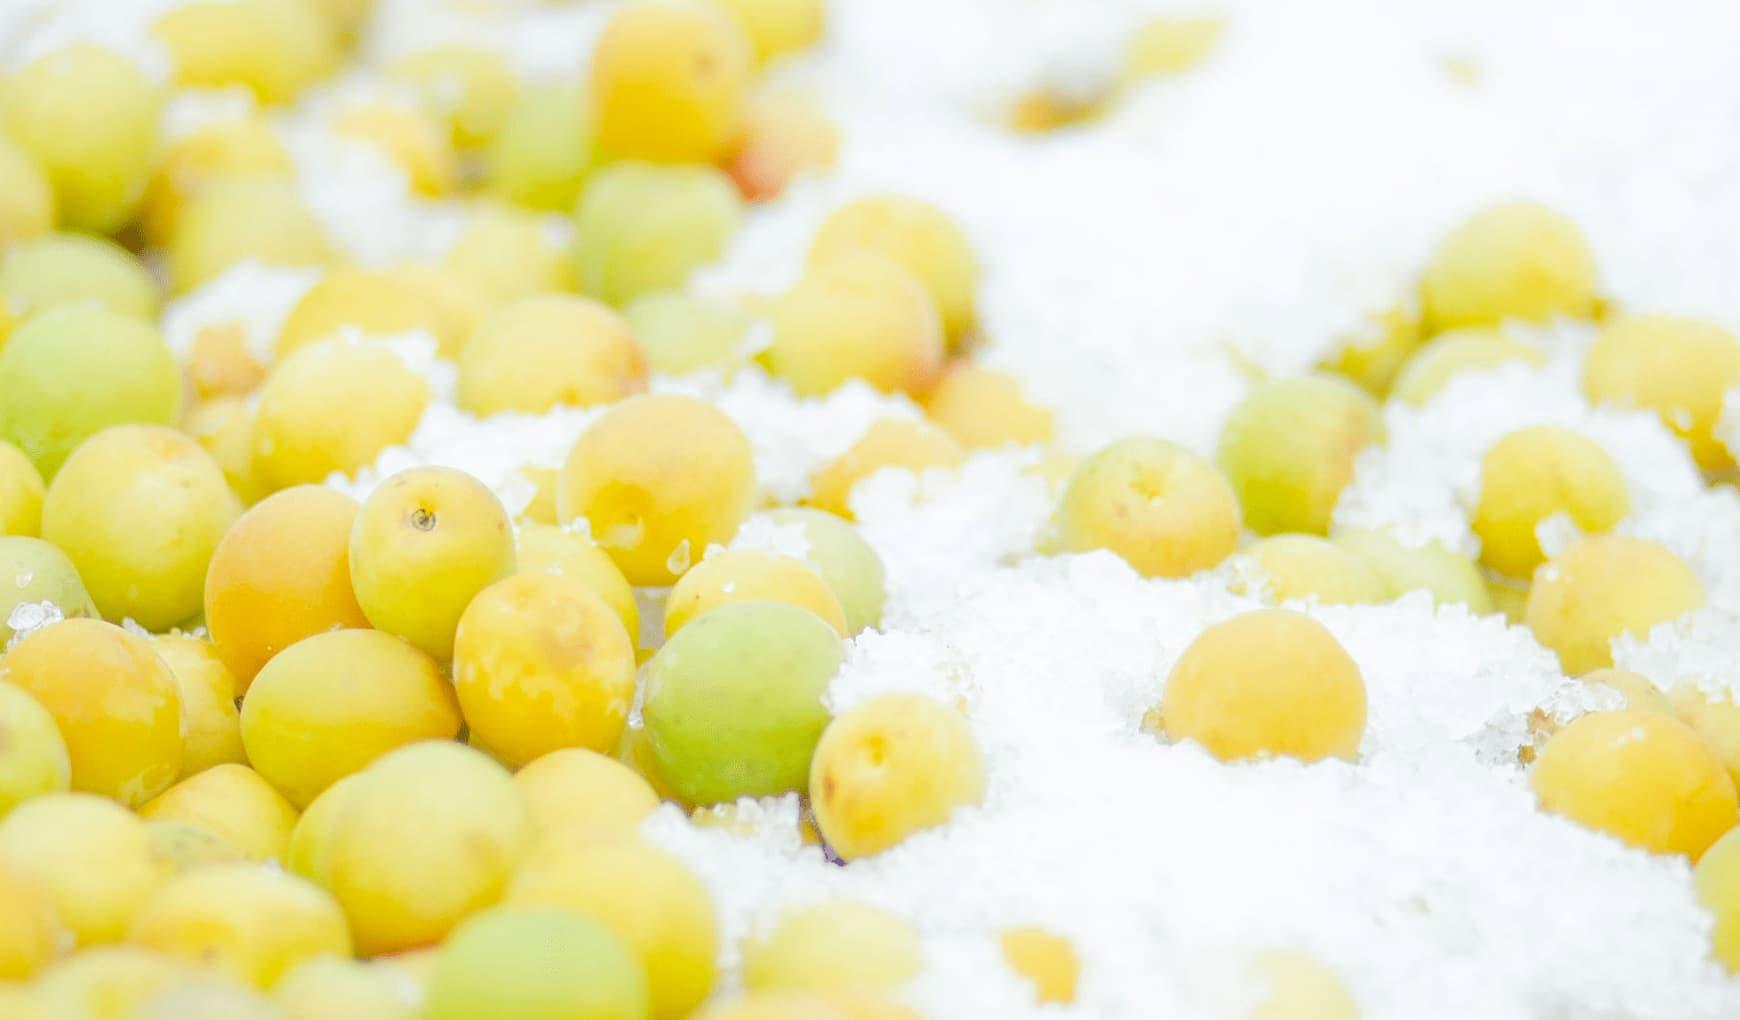 梅干しの塩抜きは難しい?<br> 梅干し専門店が簡単な方法を解説します。